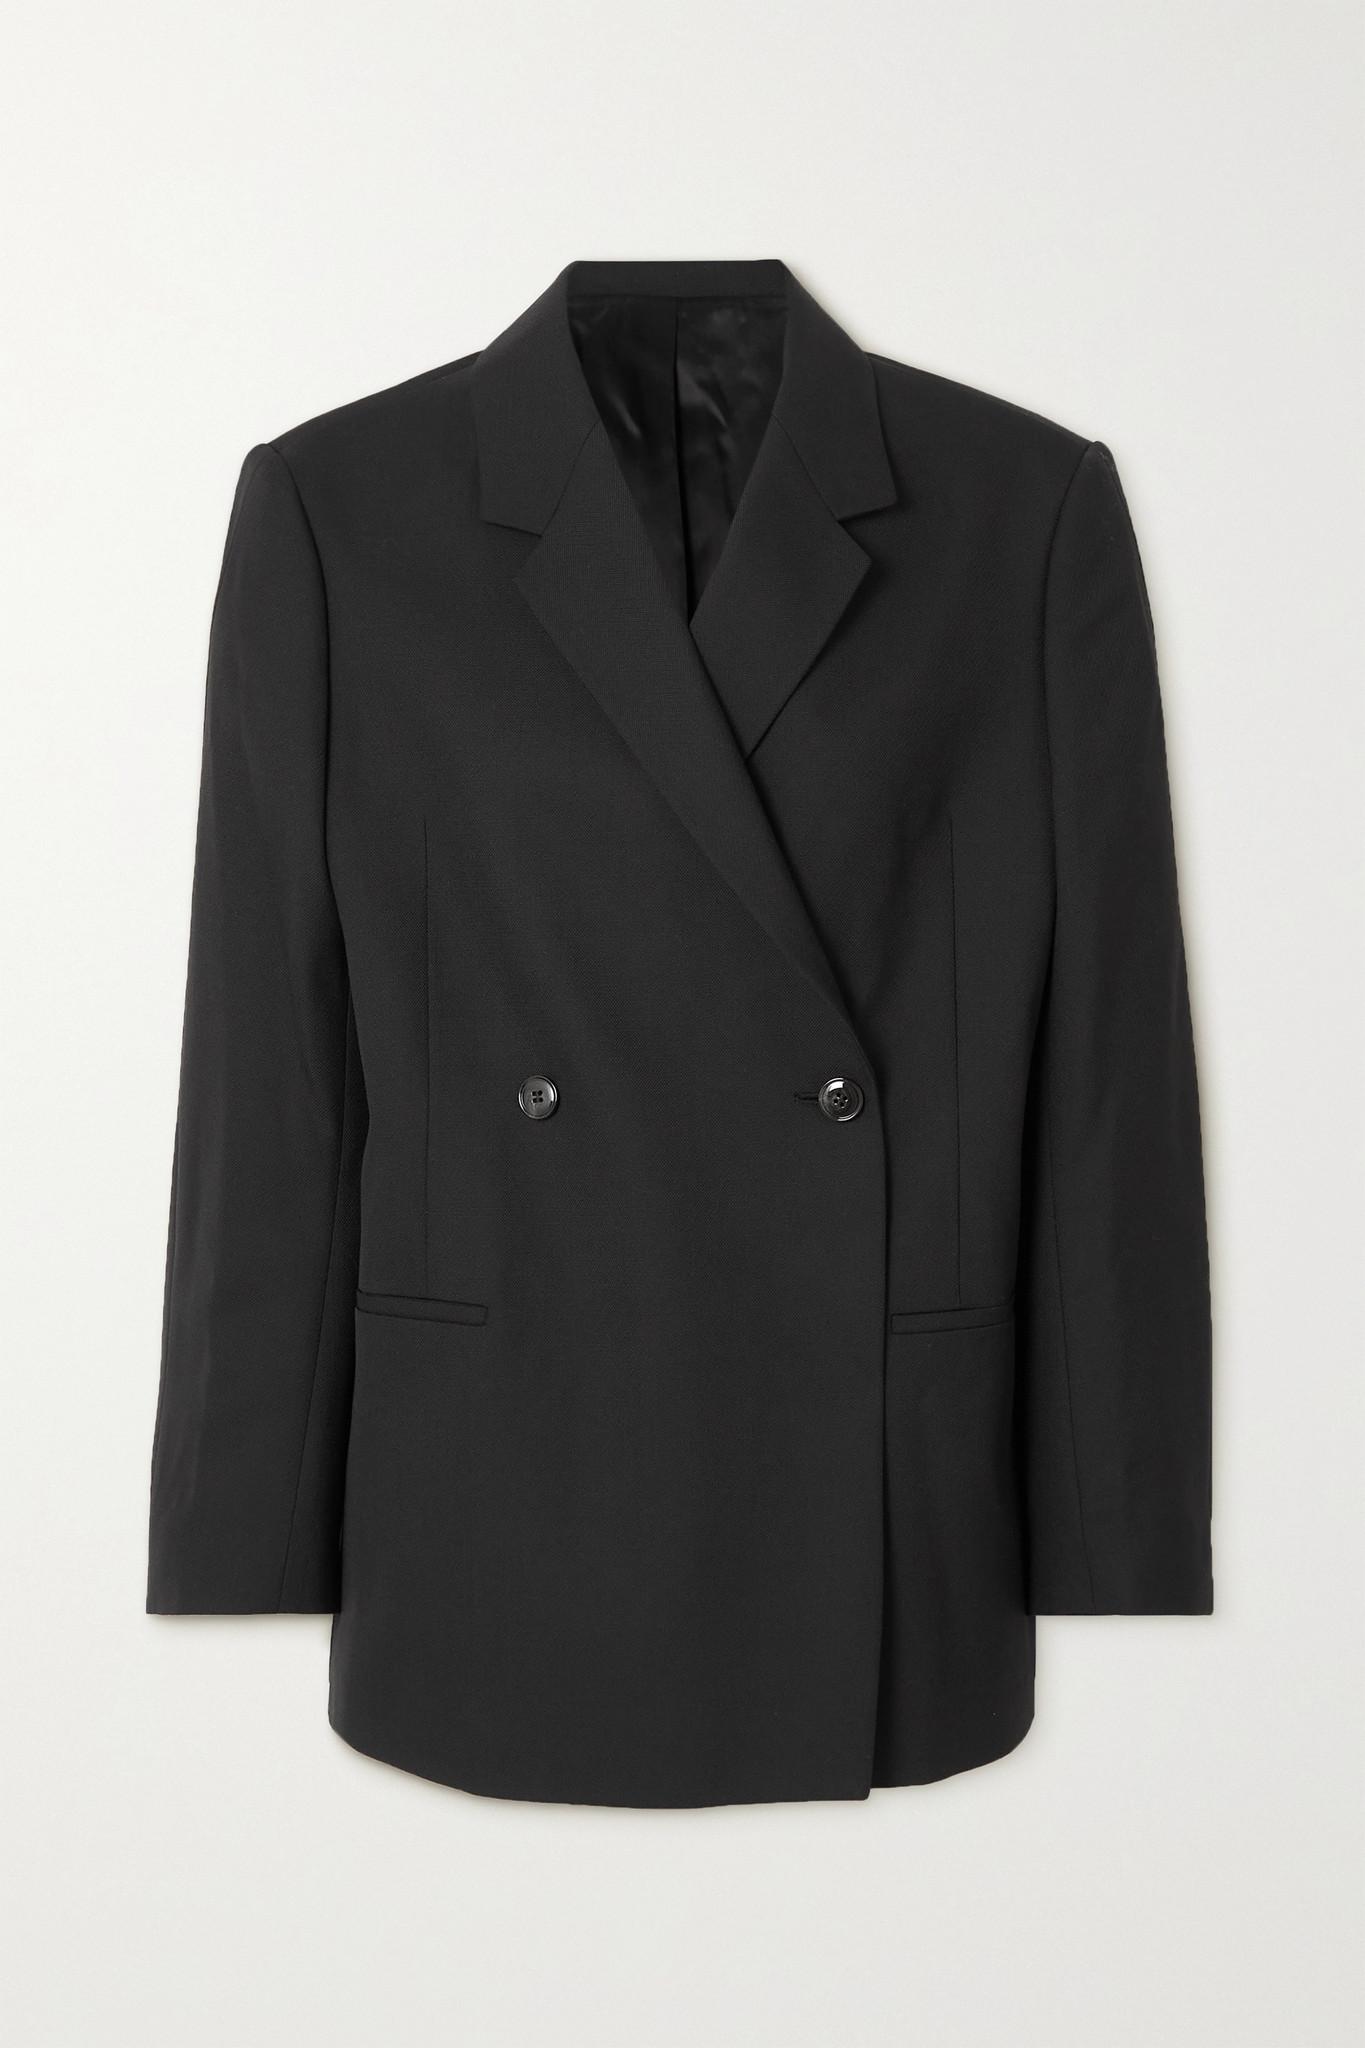 """TOTÊME - """"loreo"""" 大廓形双排扣梭织西装外套 - 黑色 - FR38"""